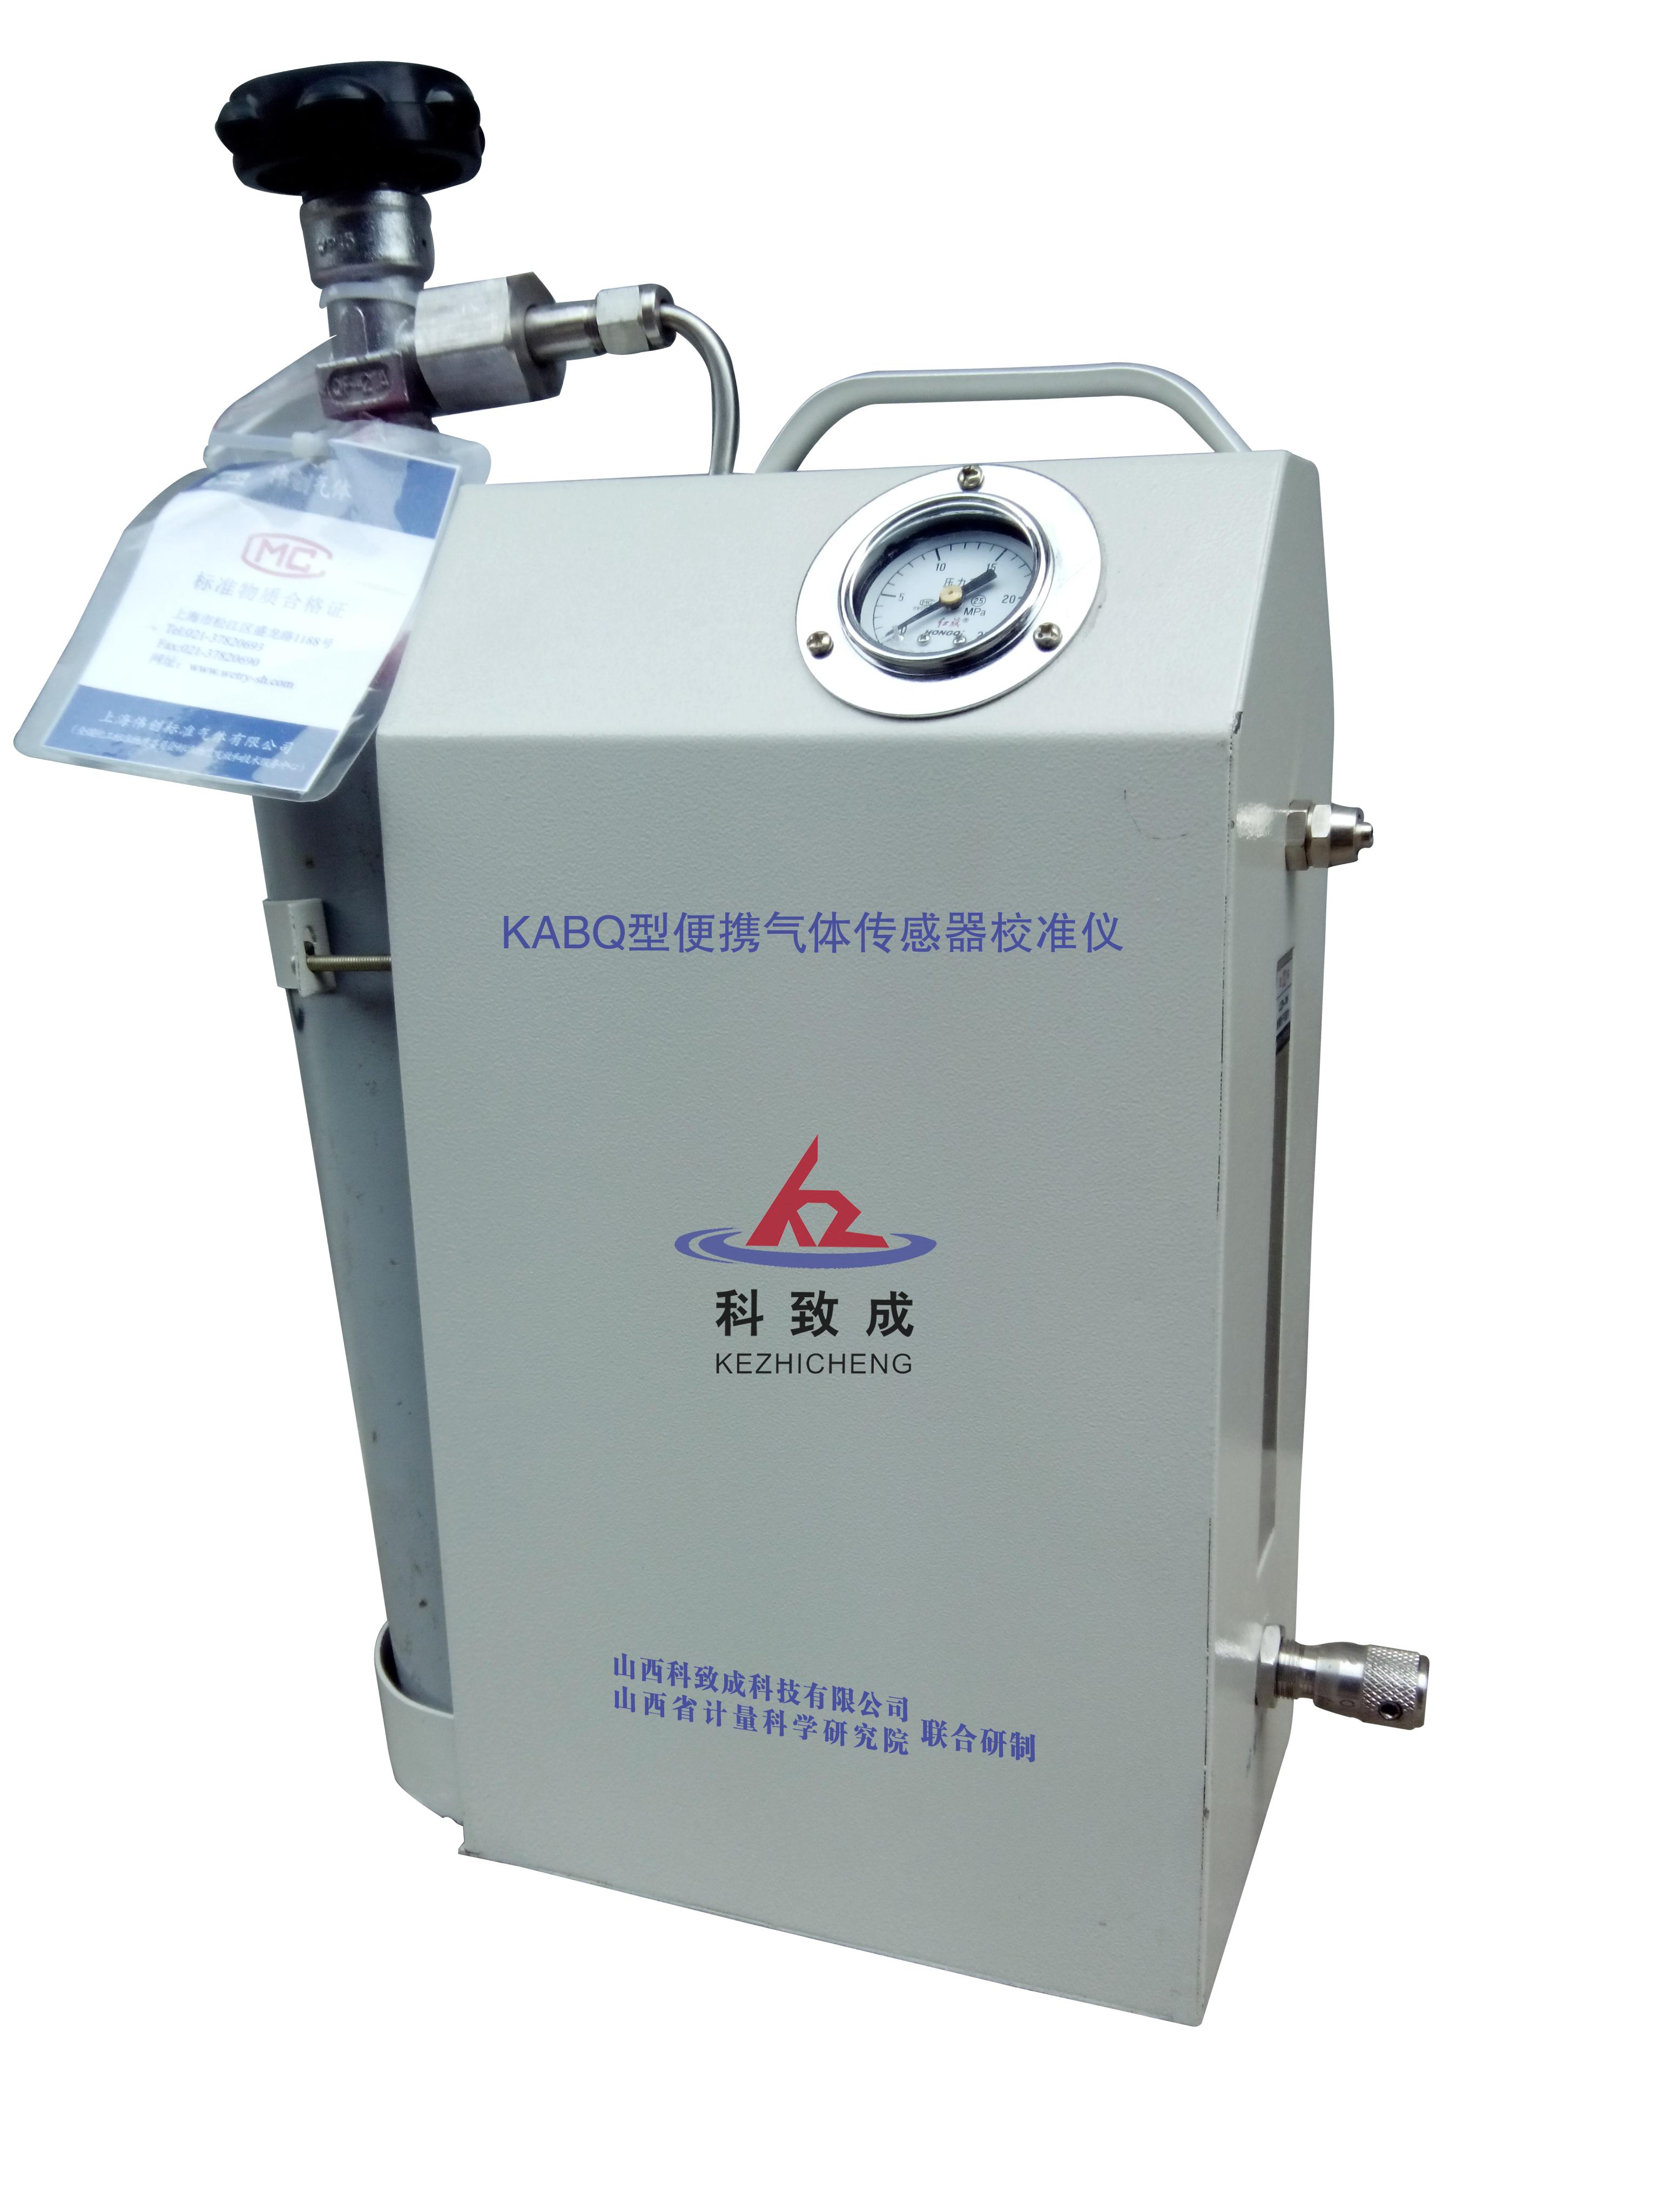 KABQ型便携气体传感器校准仪he